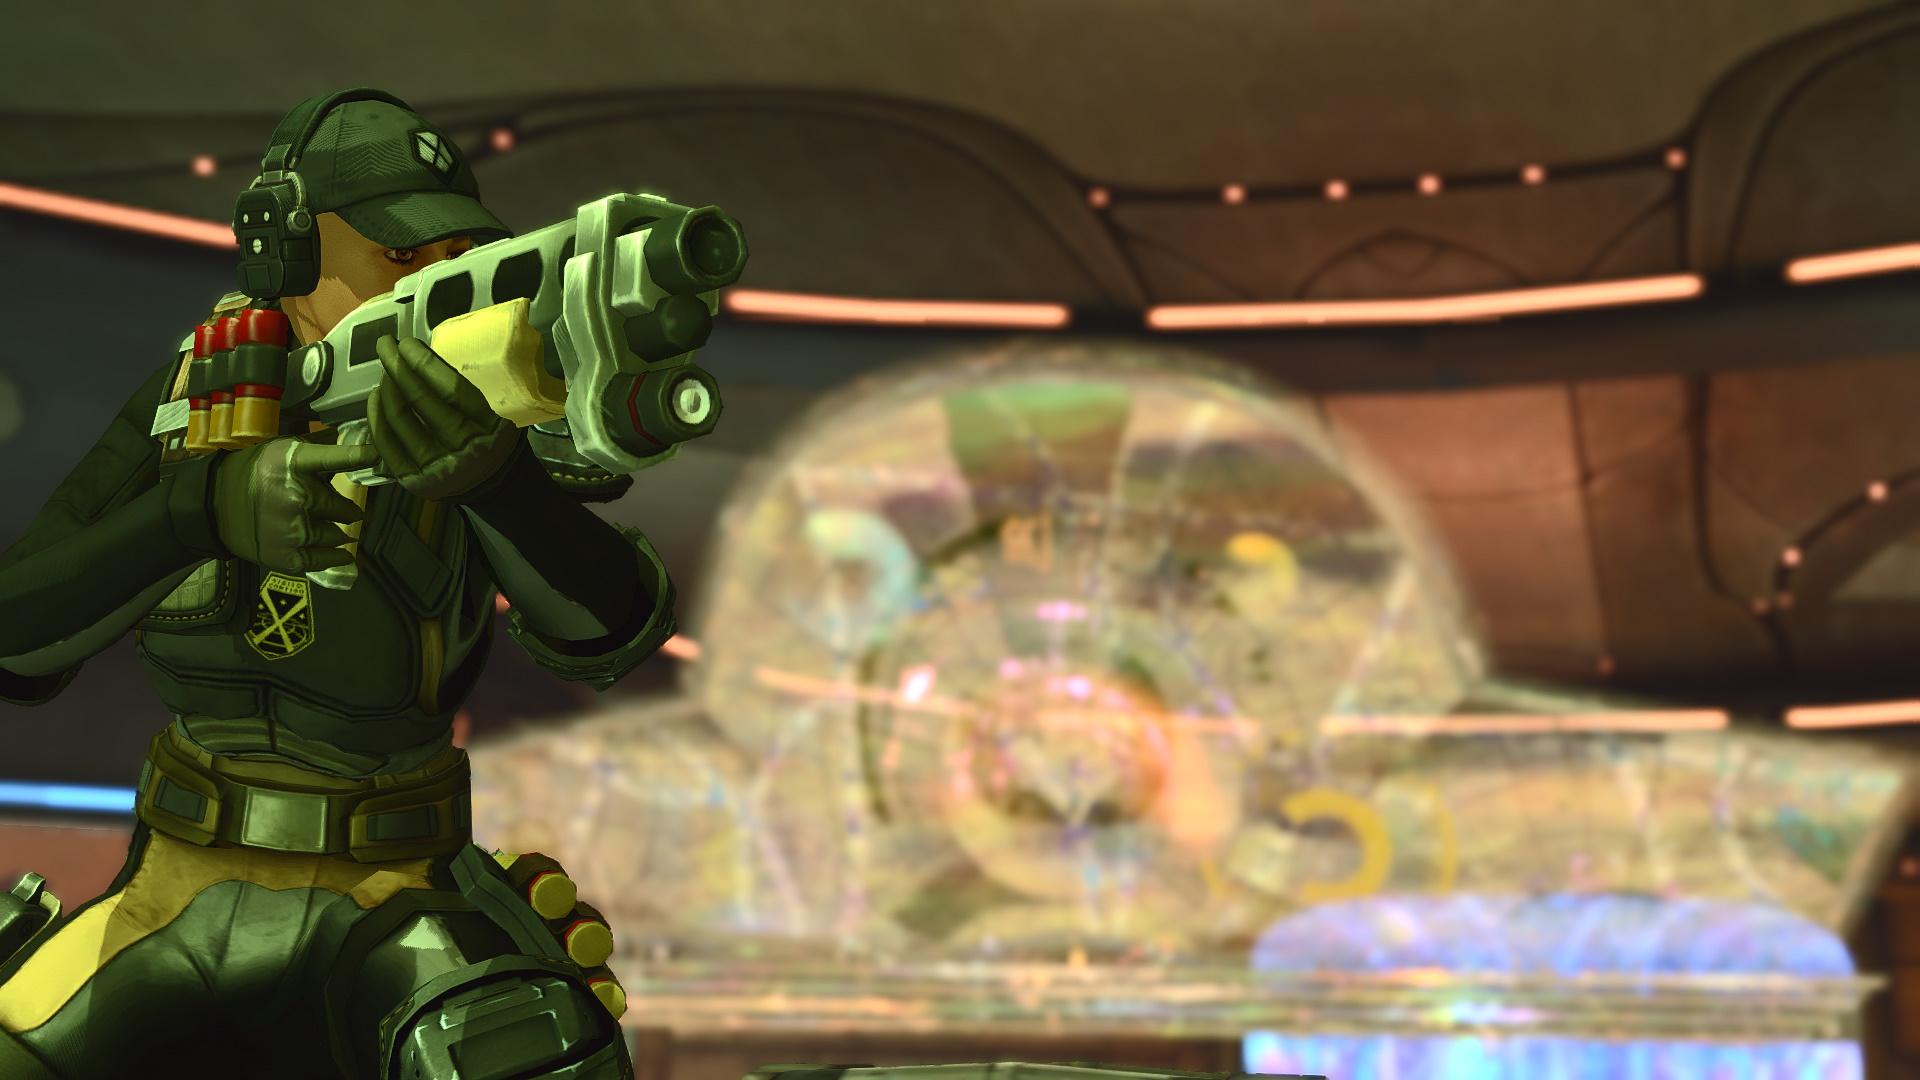 xcomgame 2017-09-04 17-28-02-224.jpg - XCOM: Enemy Unknown